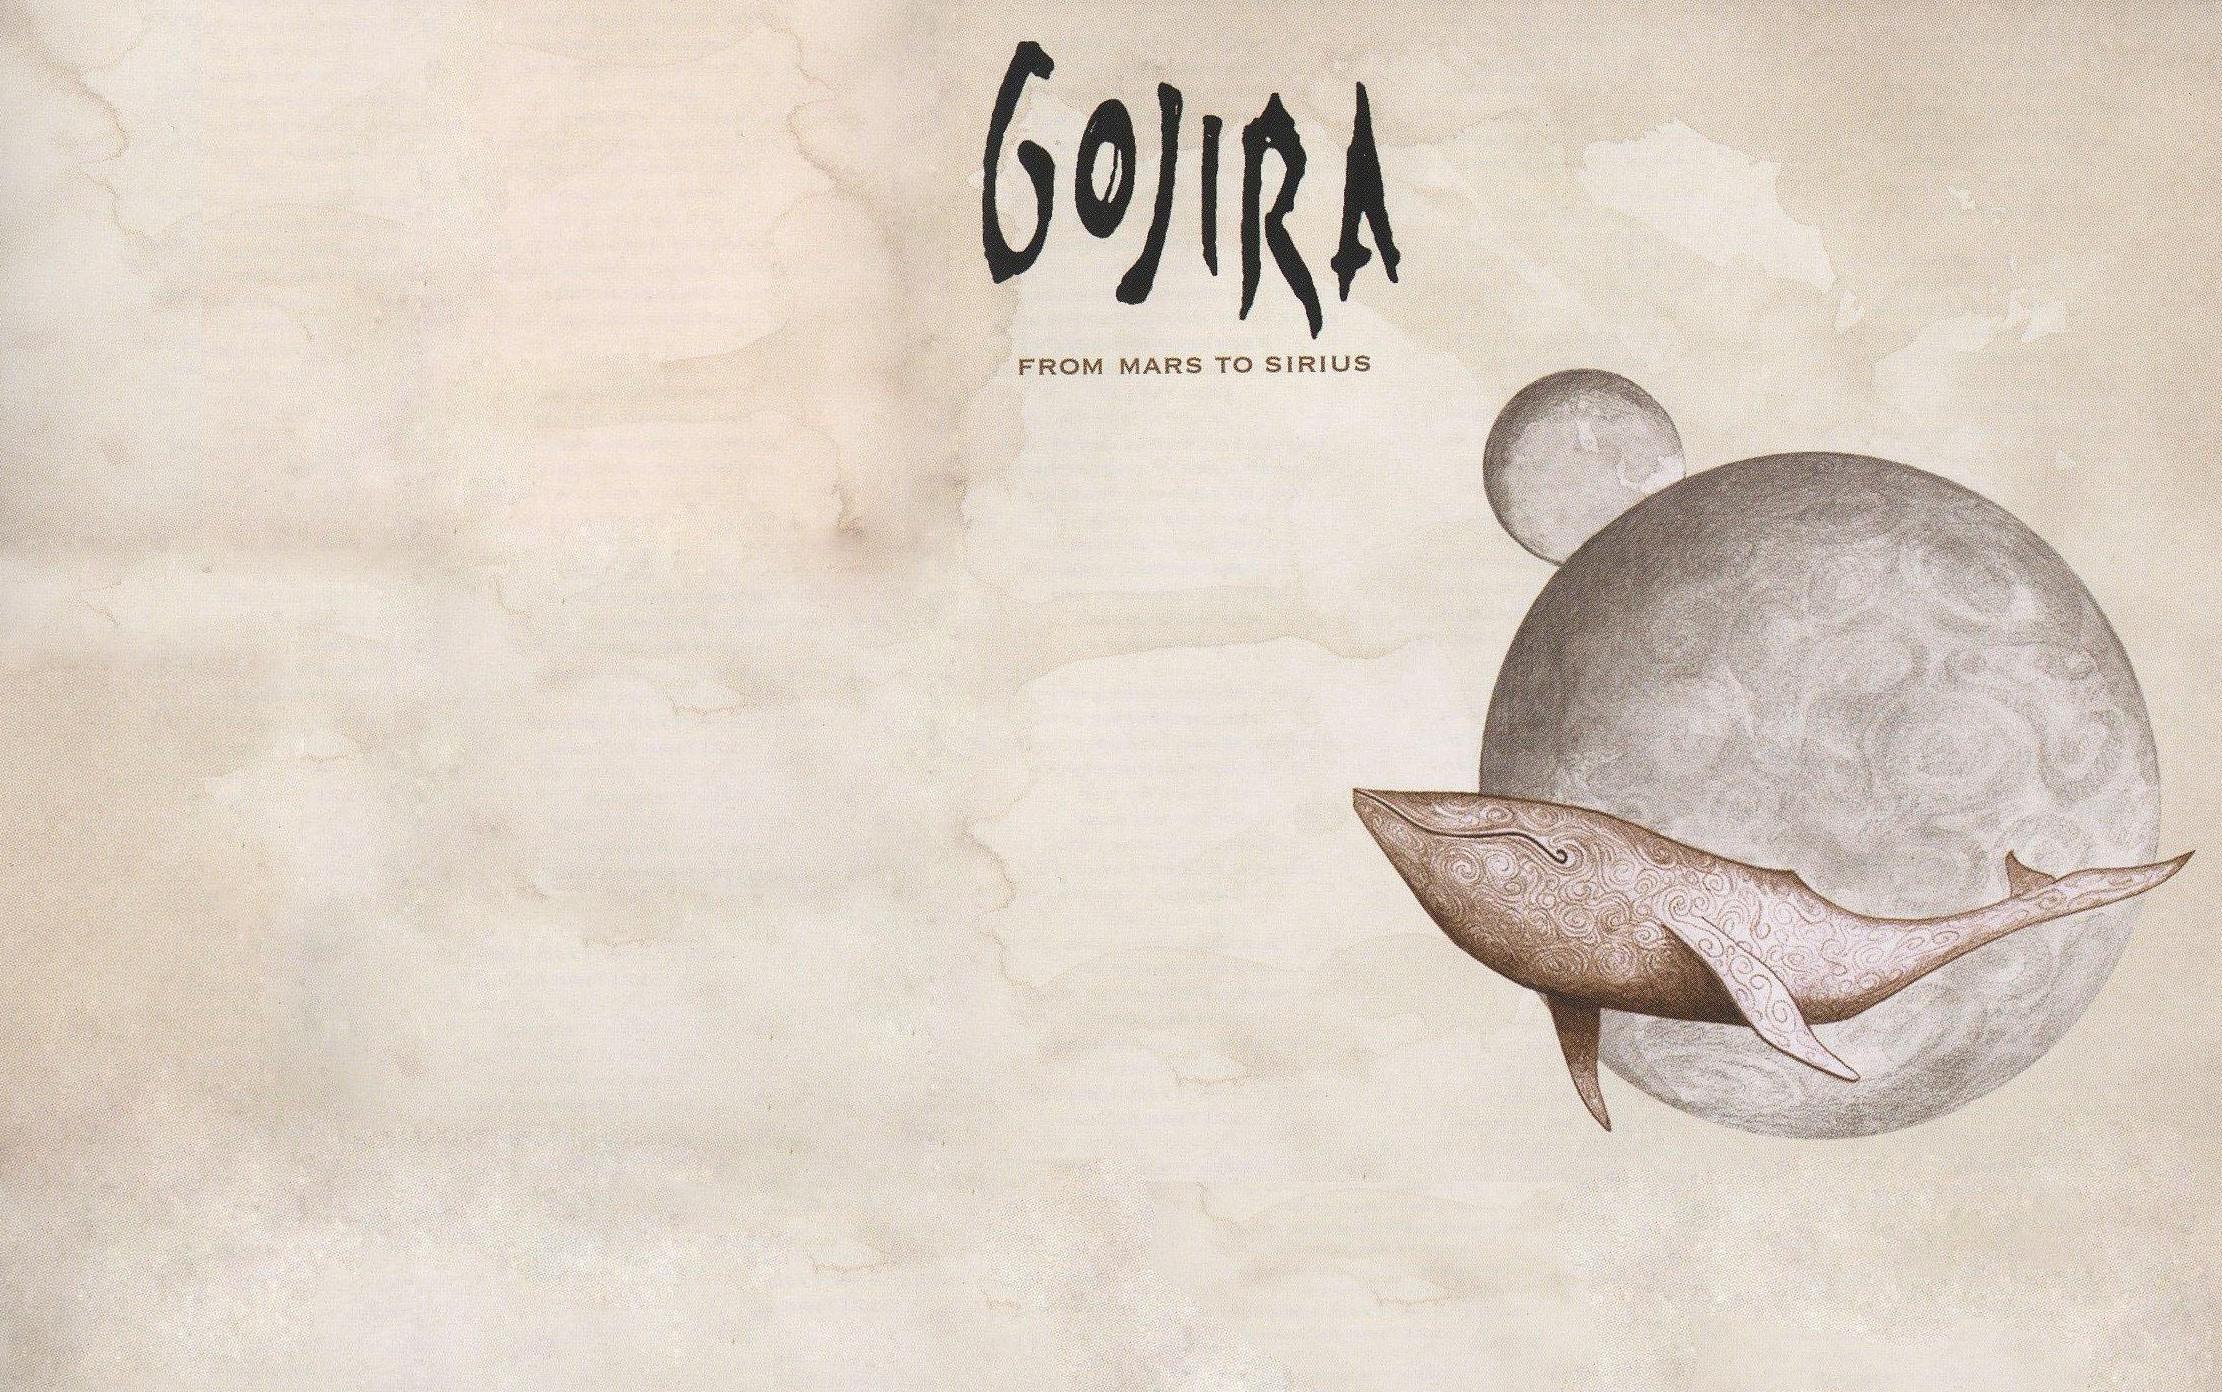 Masaüstü çizim Boyama Metal Müzik Gojira Sanat El şekil